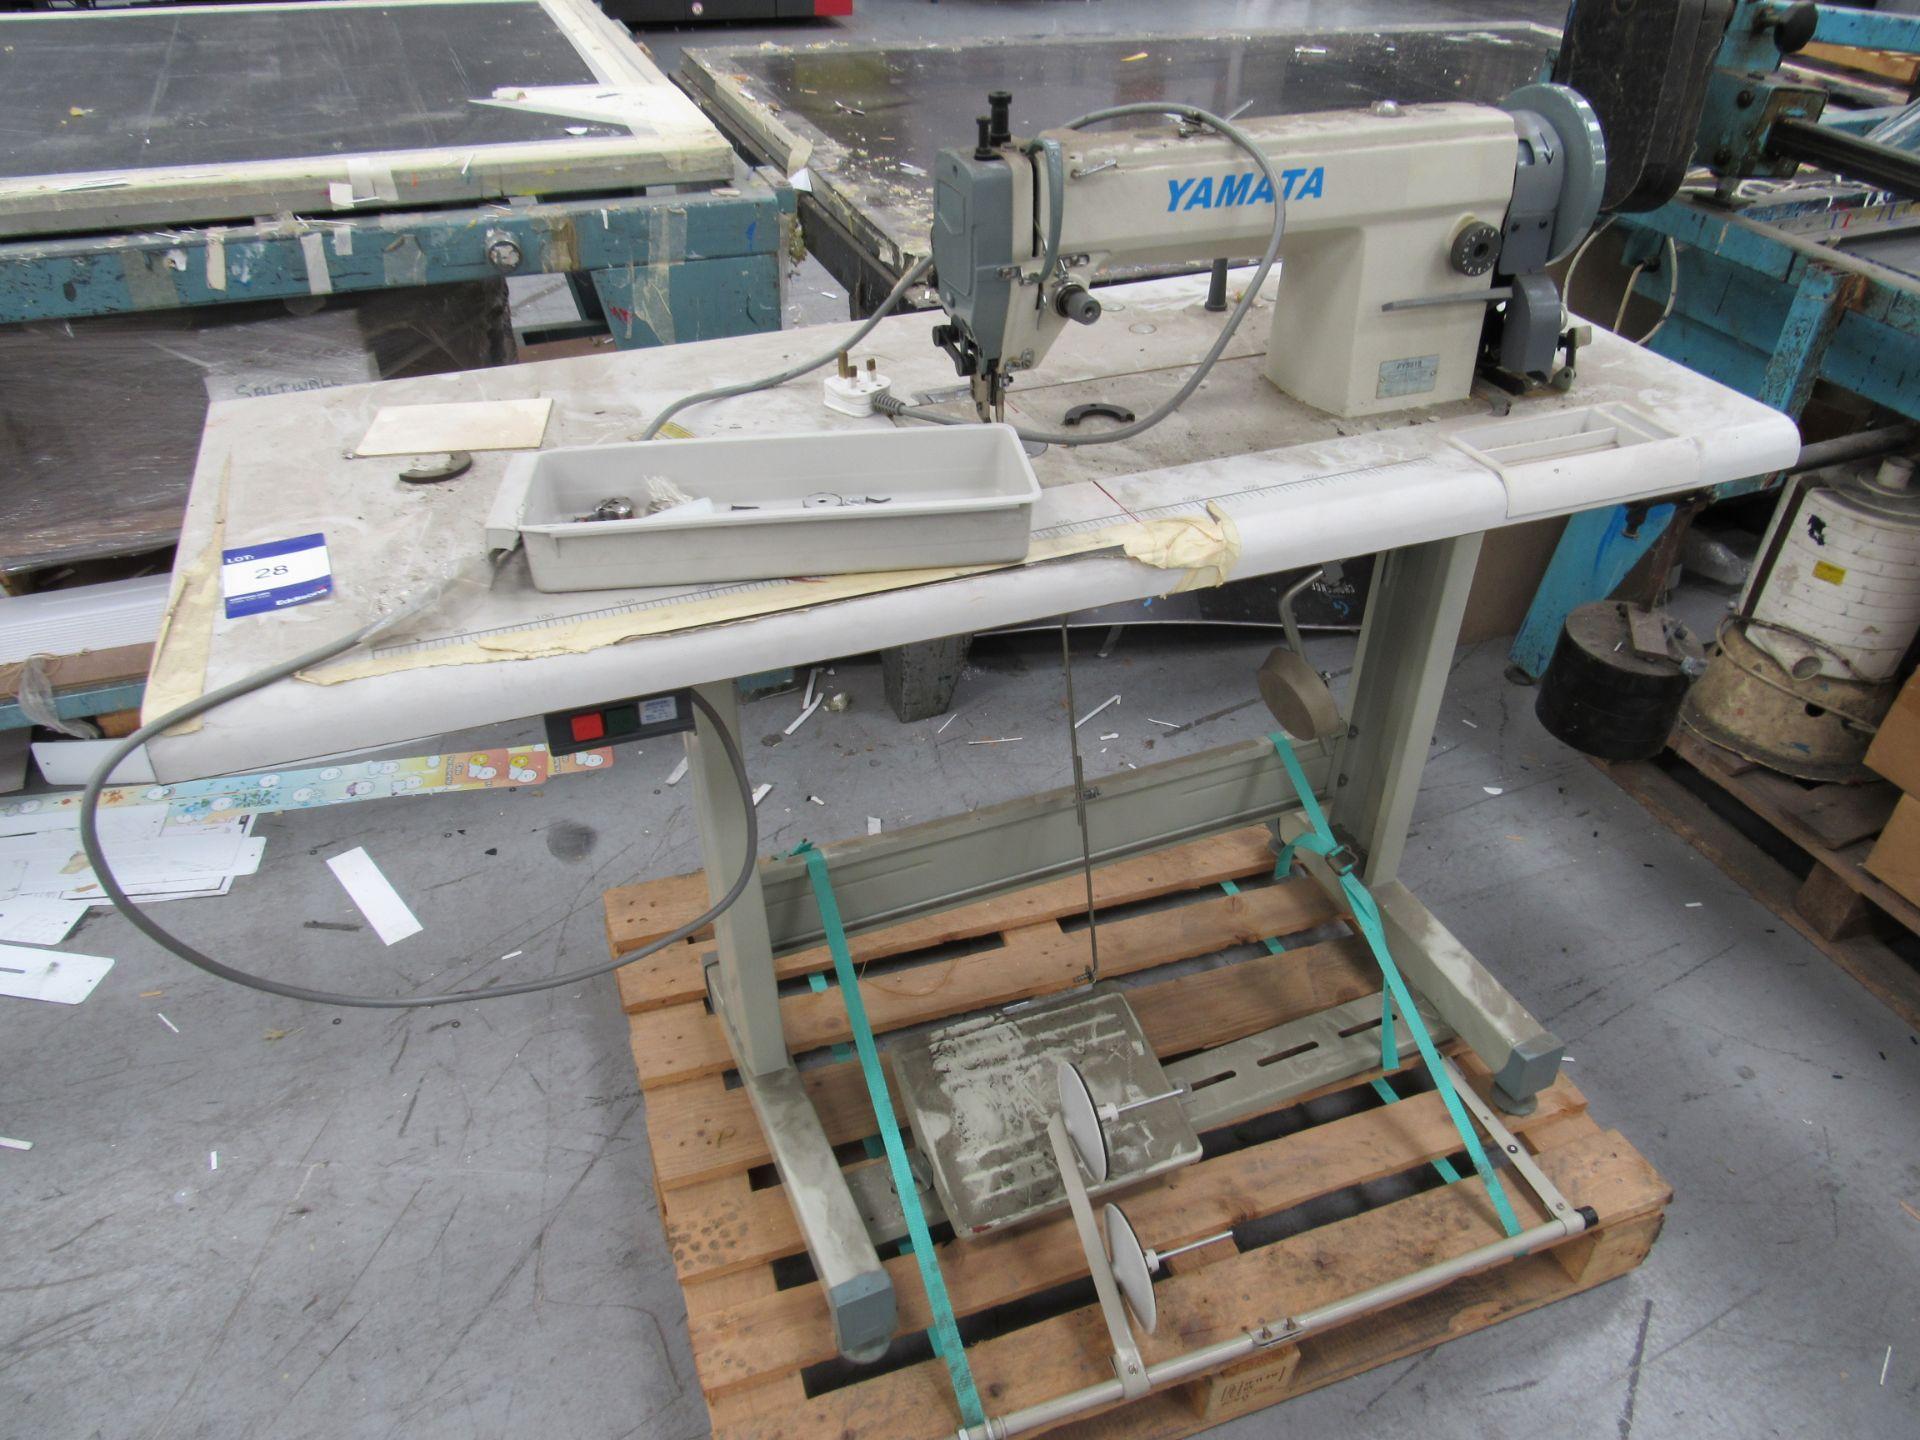 Yamata FY5318 High Speed Lock Stitch Sewing Machine - Image 2 of 4